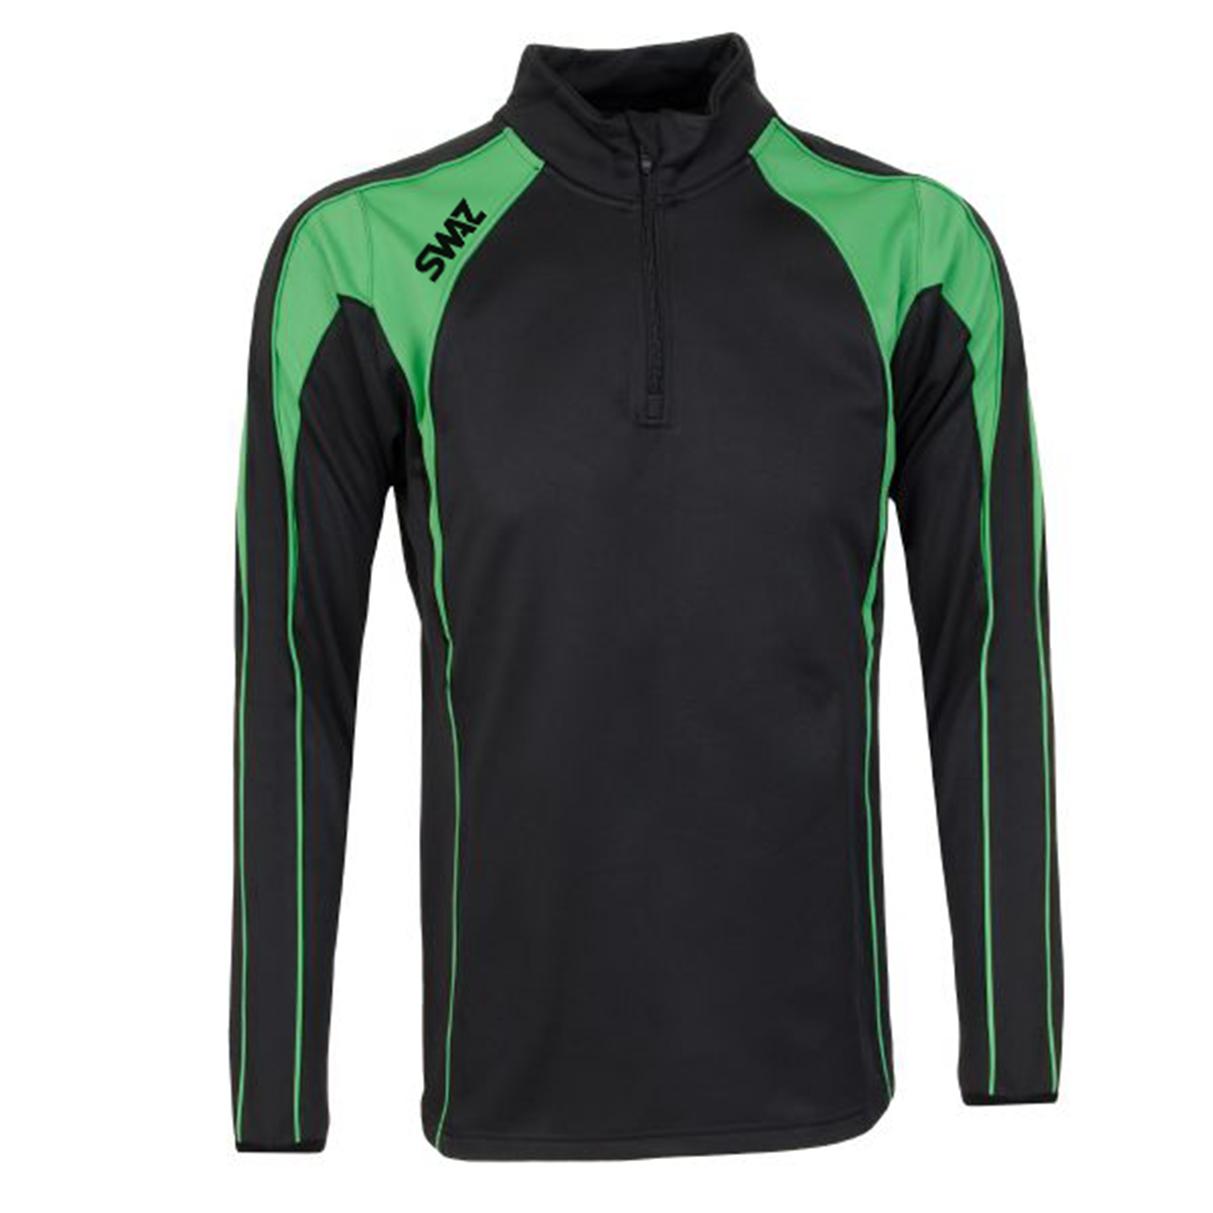 SWAZ Premier 1/4 Zip Midlayer Top – Black/Green